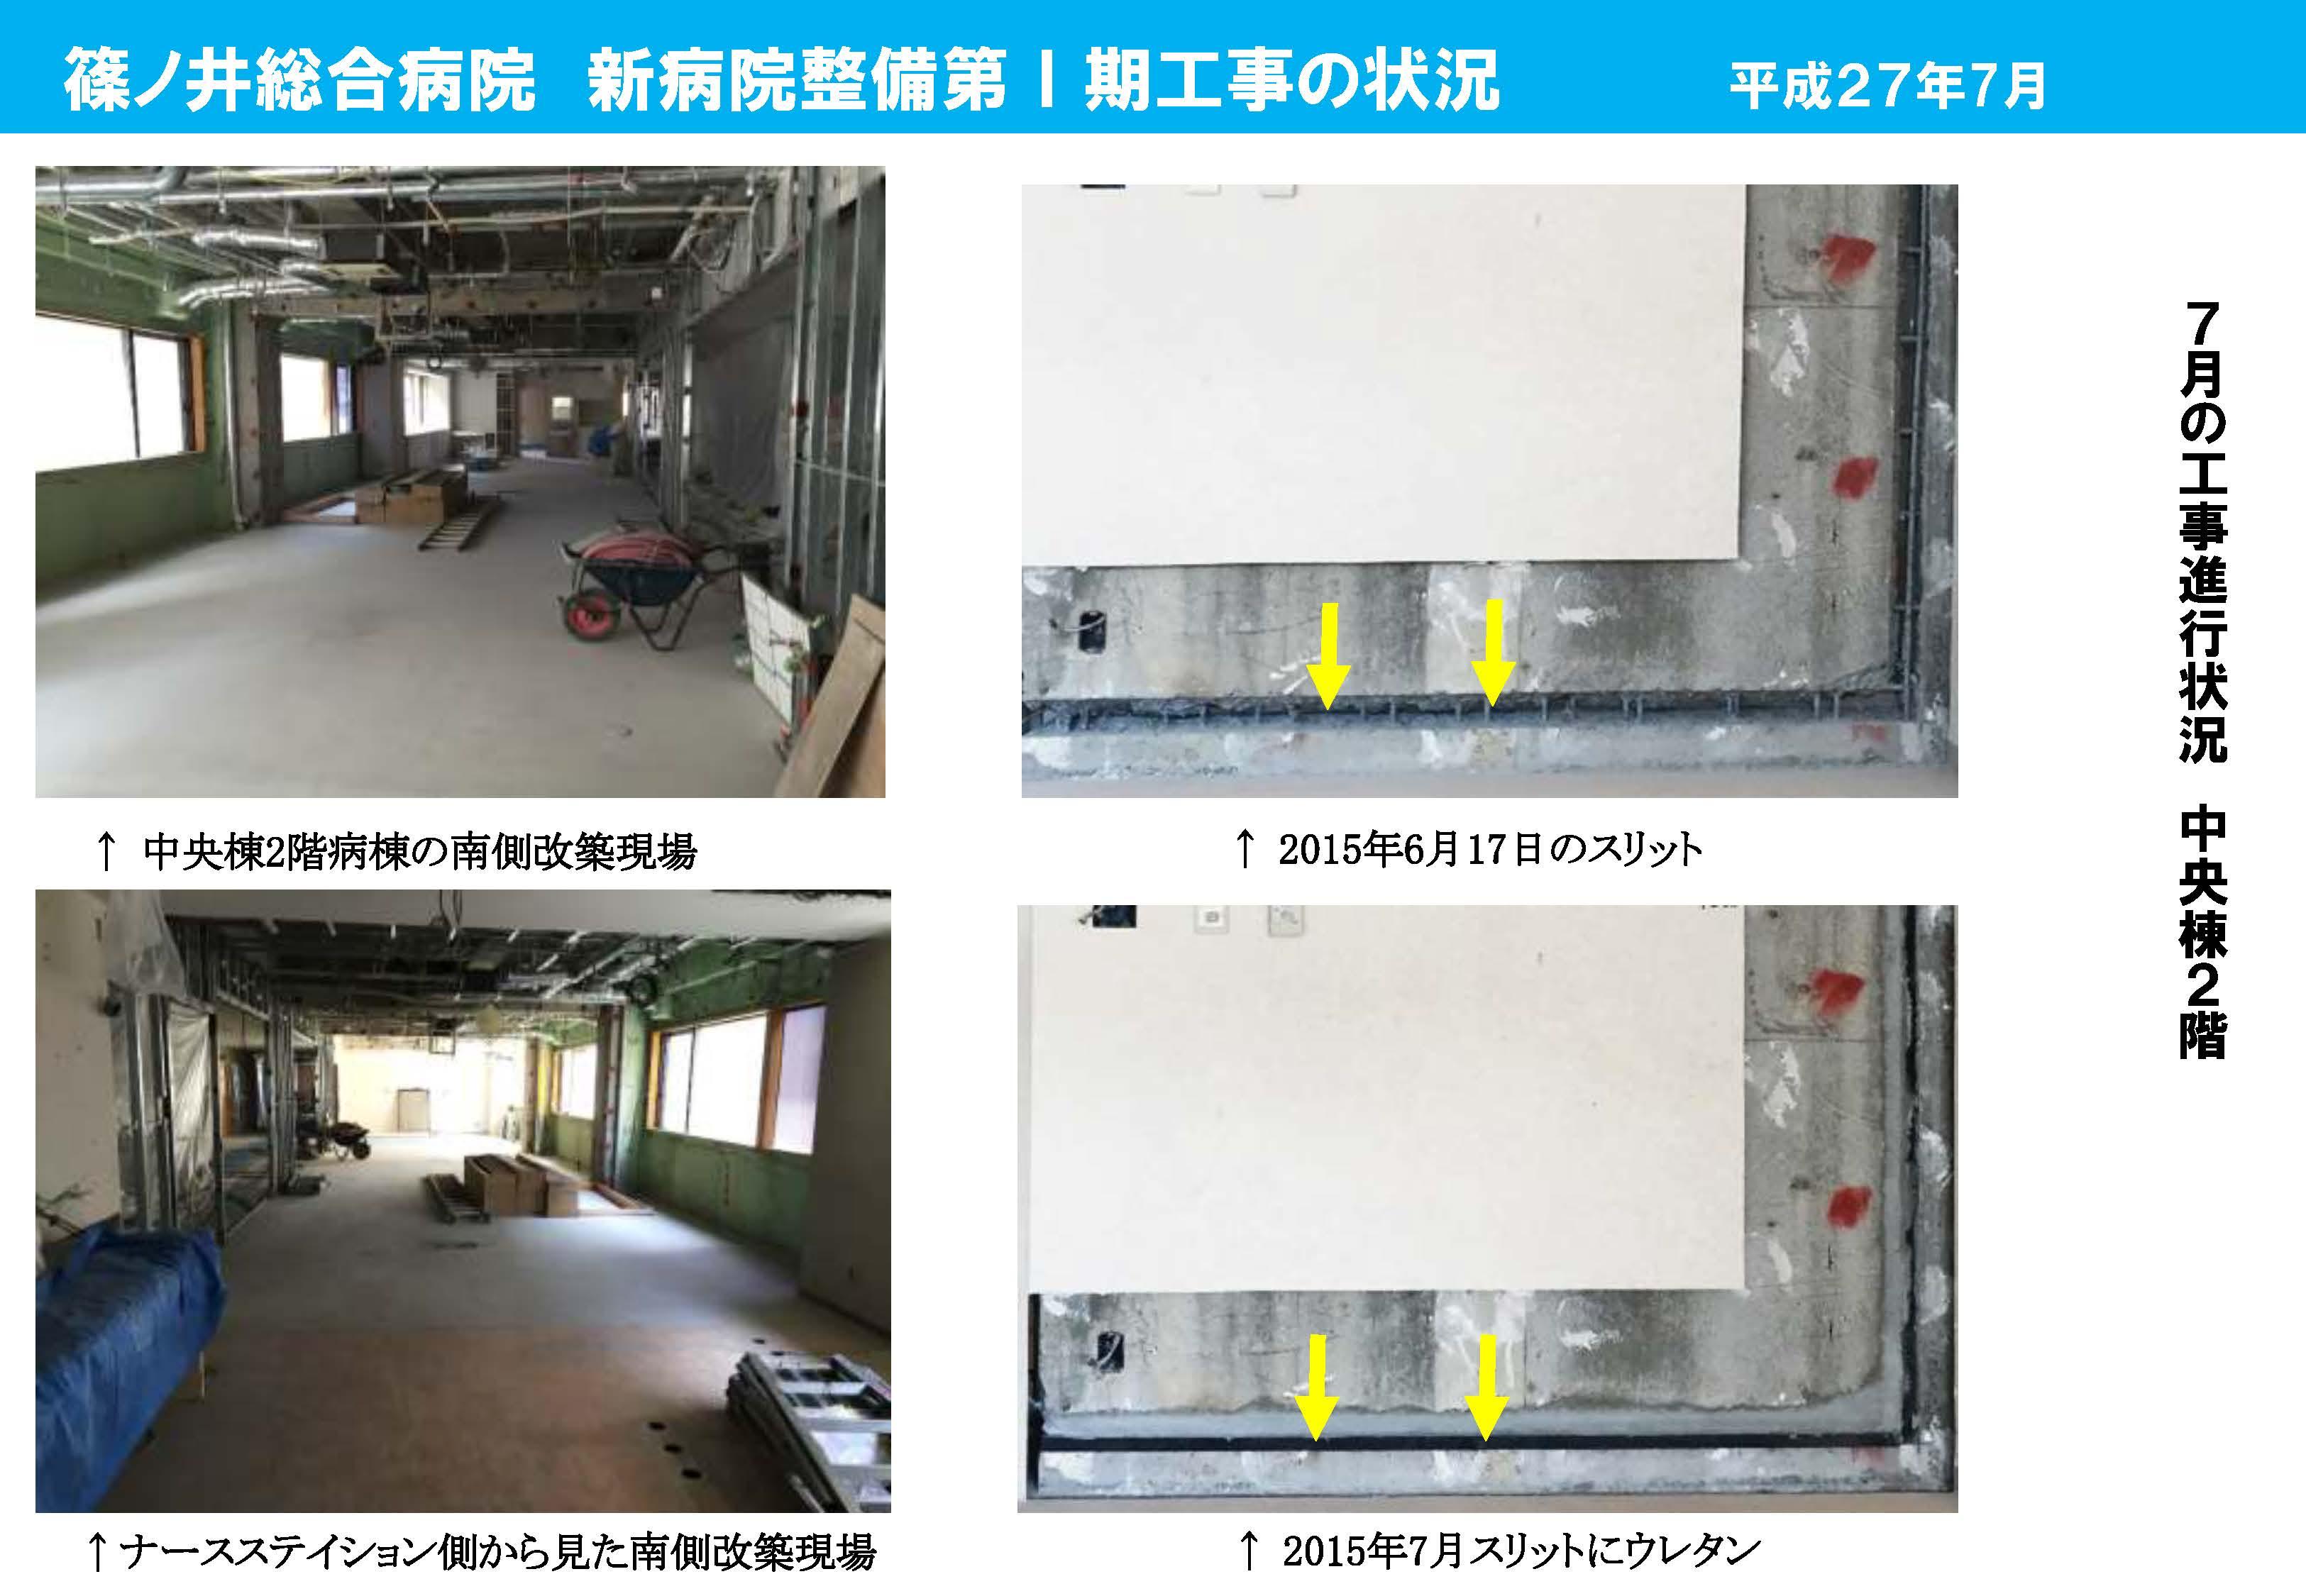 工事写真ニュース201507.1_ページ_3